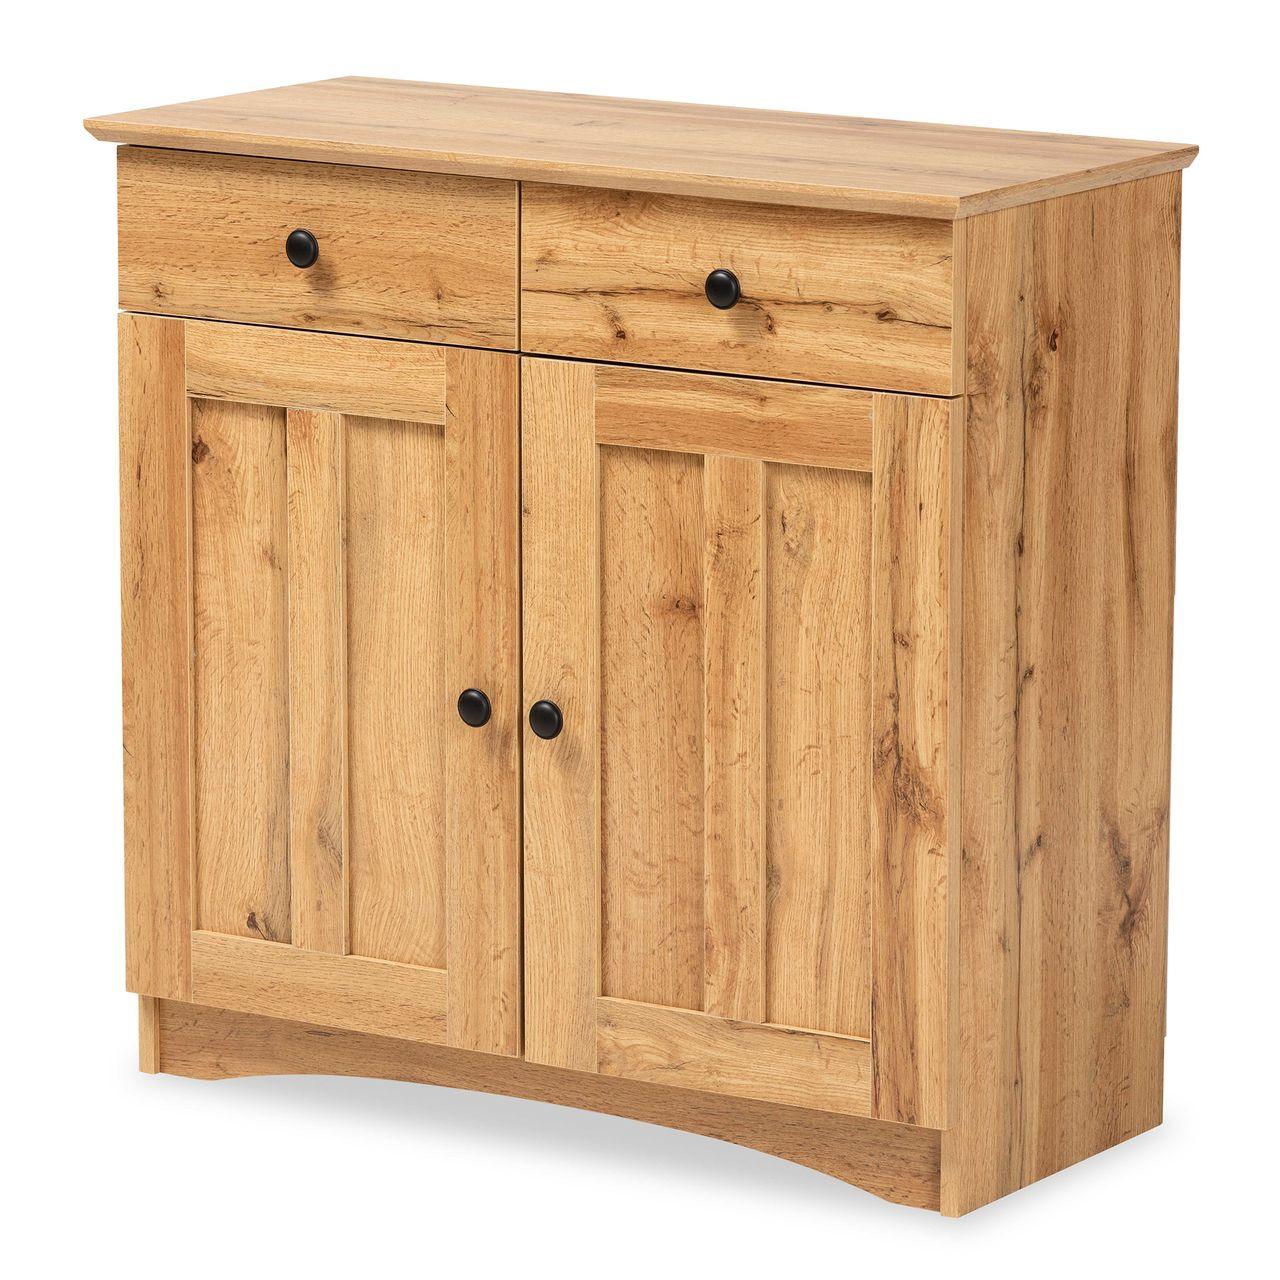 Baxton Studio Lauren 2-Door Buffet Kitchen Cabinet - Oak Brown